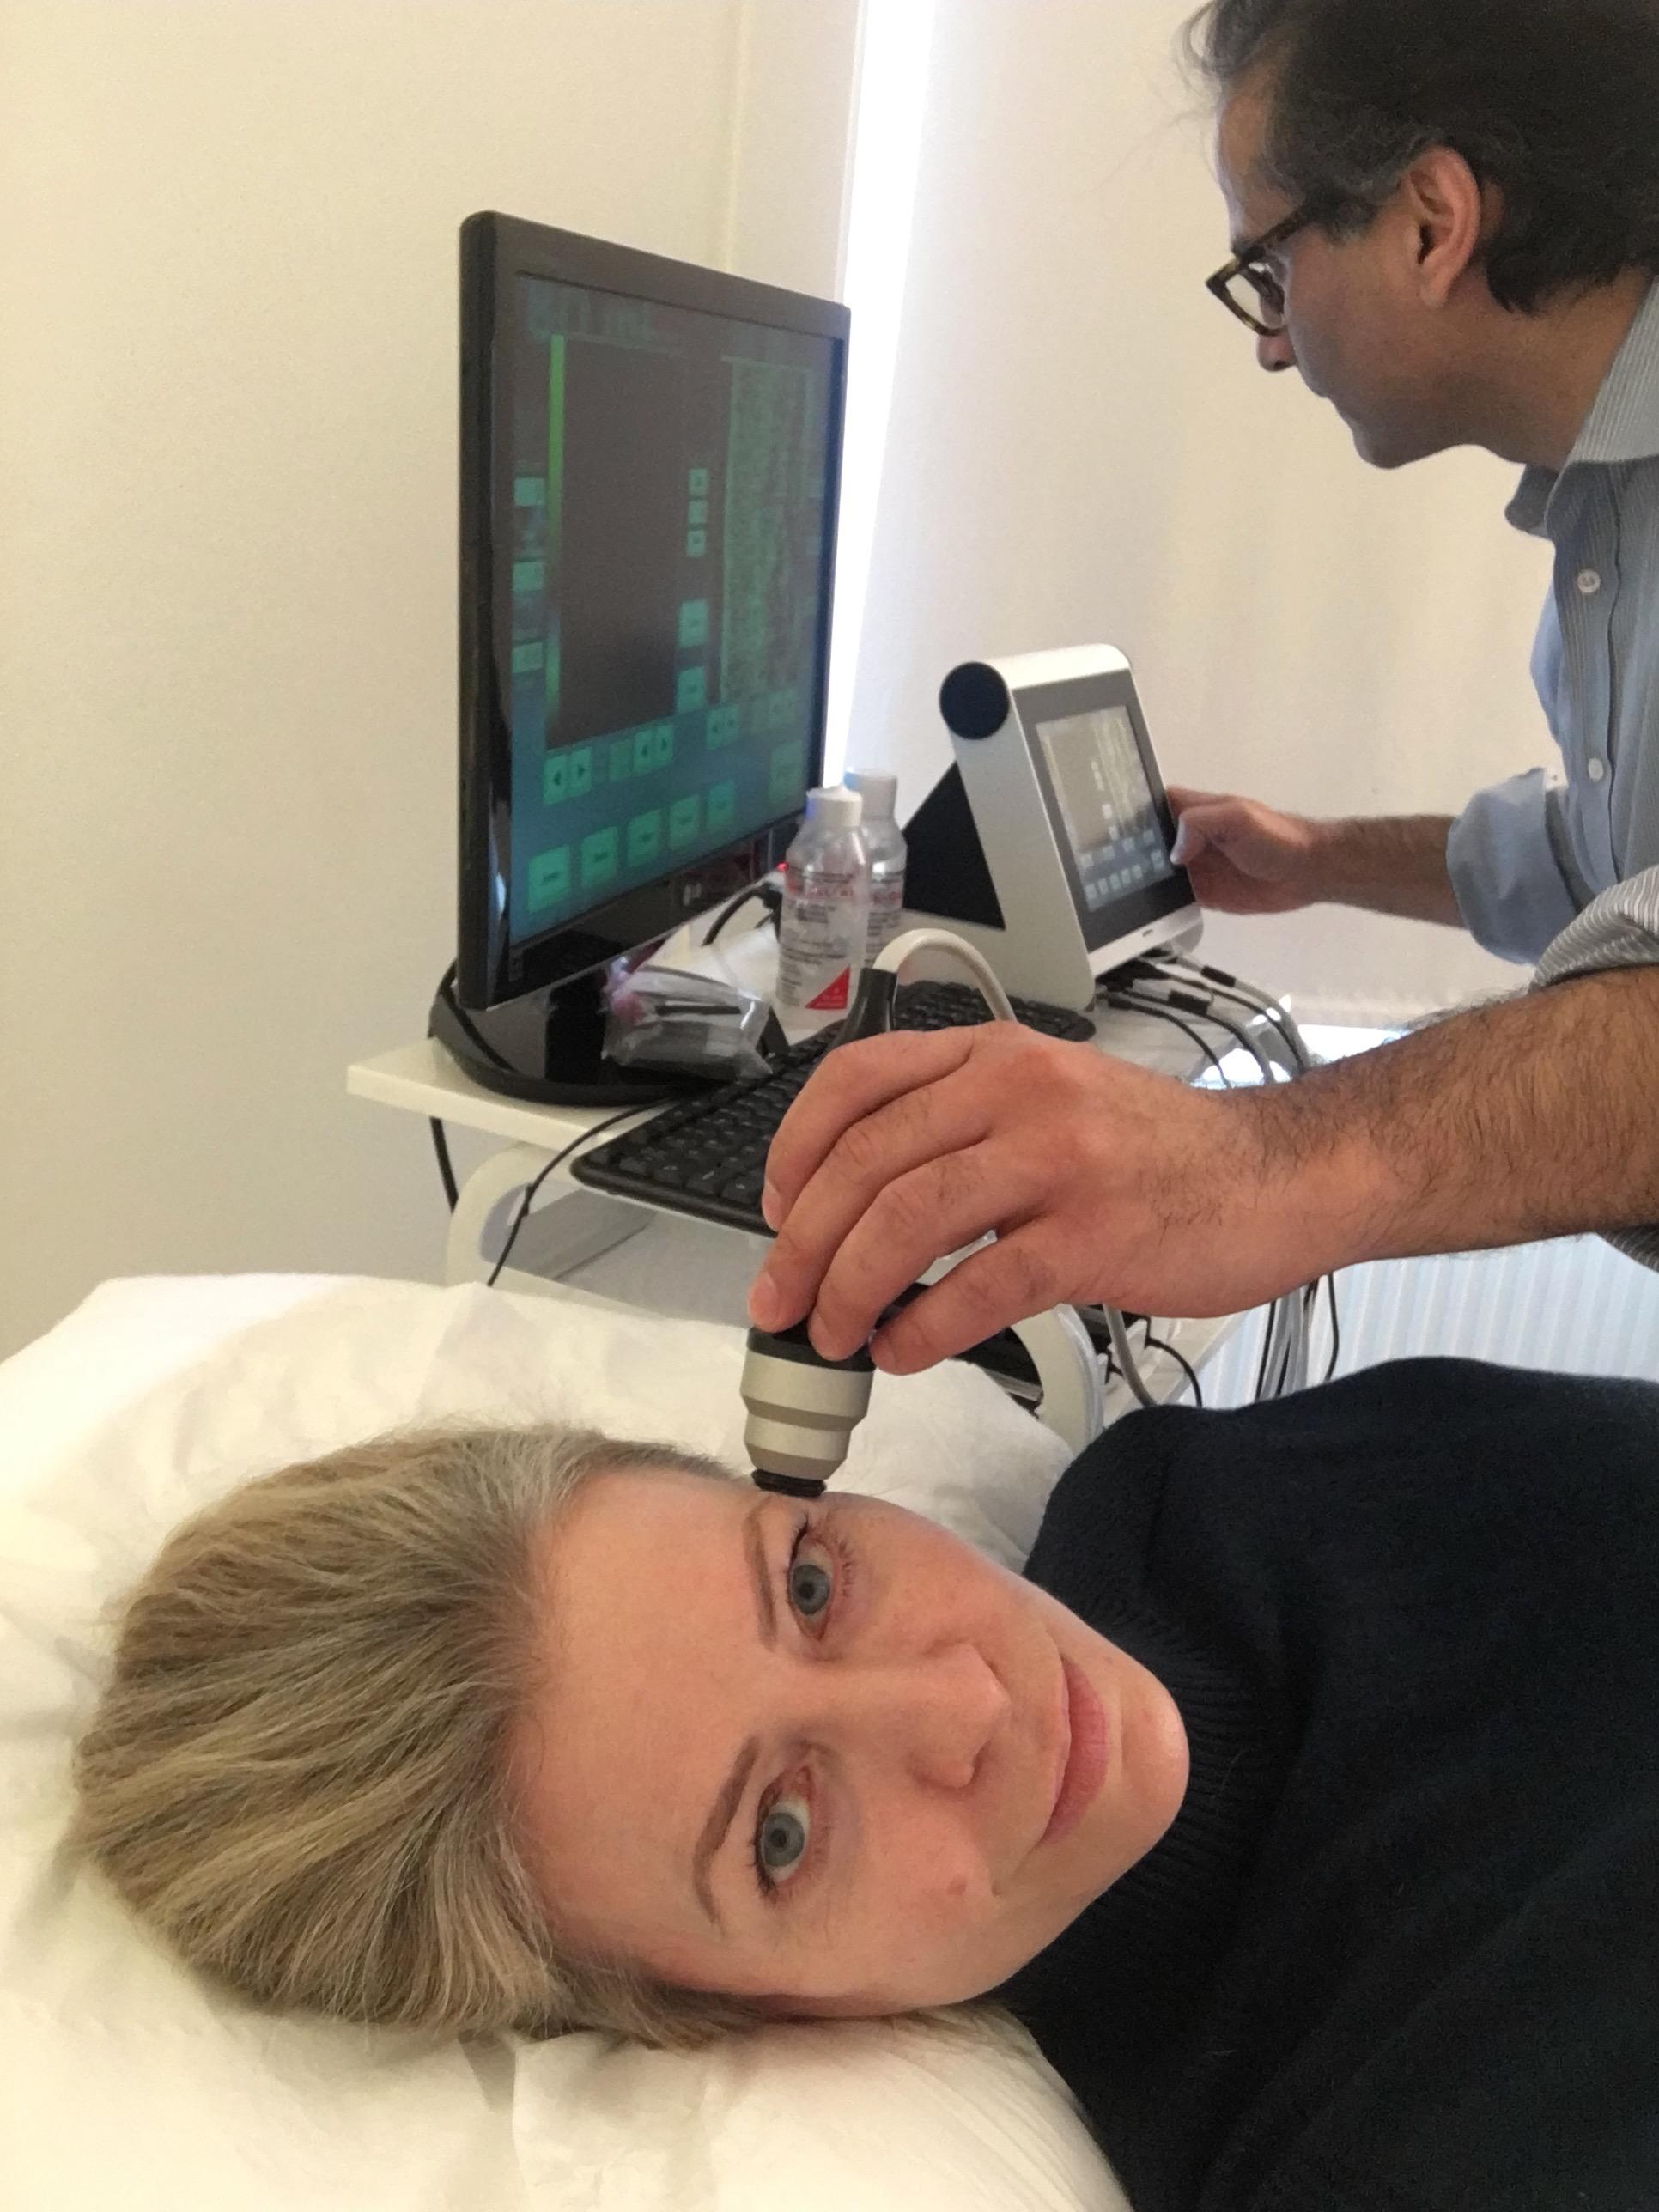 Tariq Karim measures the state of my skin at Santi Labs